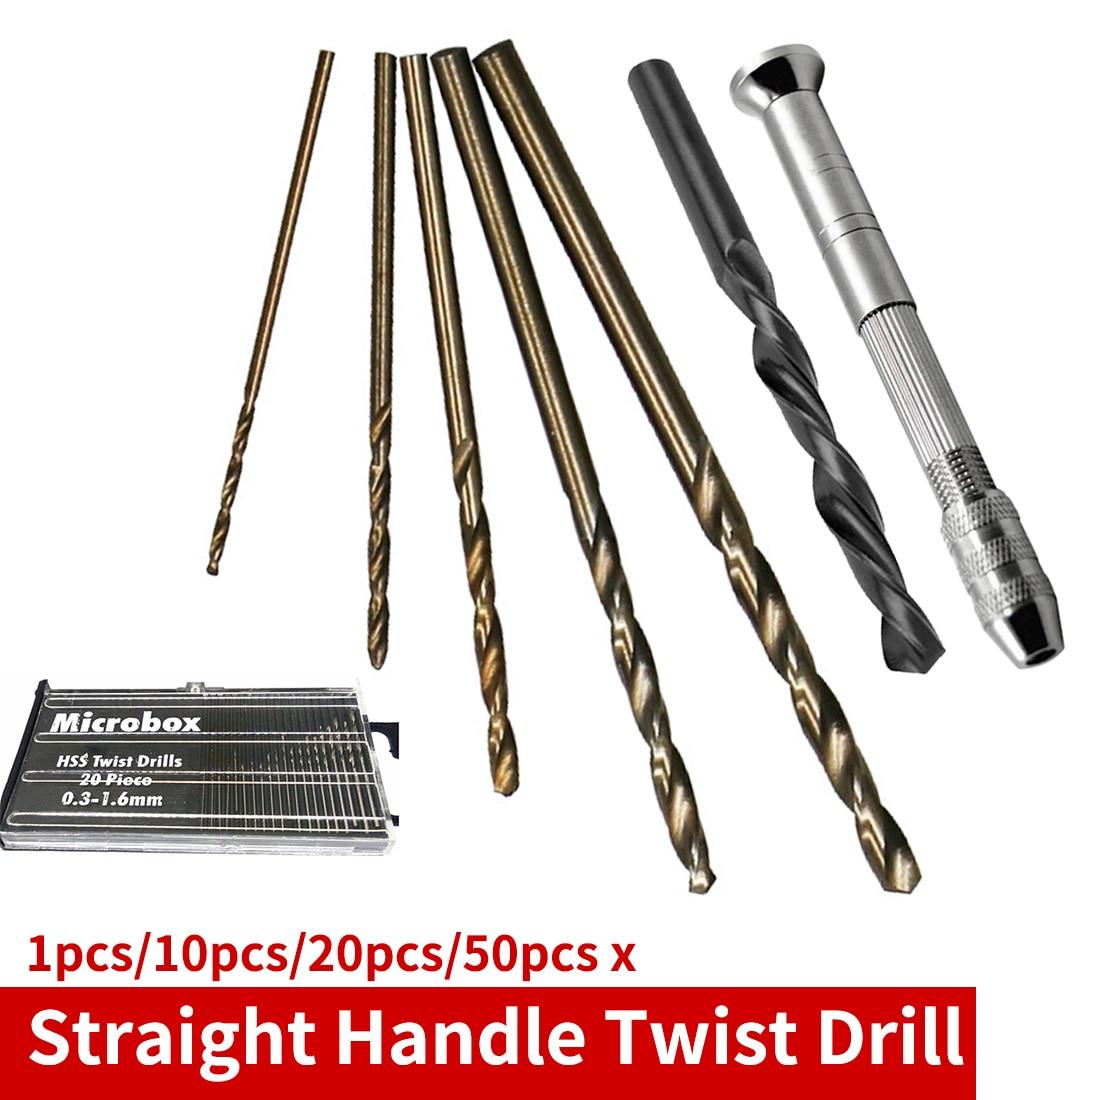 1pc/10pcs/20pcs/50pcs Twist Hole Drill Bit Set HSS M35 Co Drill Bit 1mm 1.5mm 2mm 2.5mm 3mm For Steel/Stainless Steel/Wood